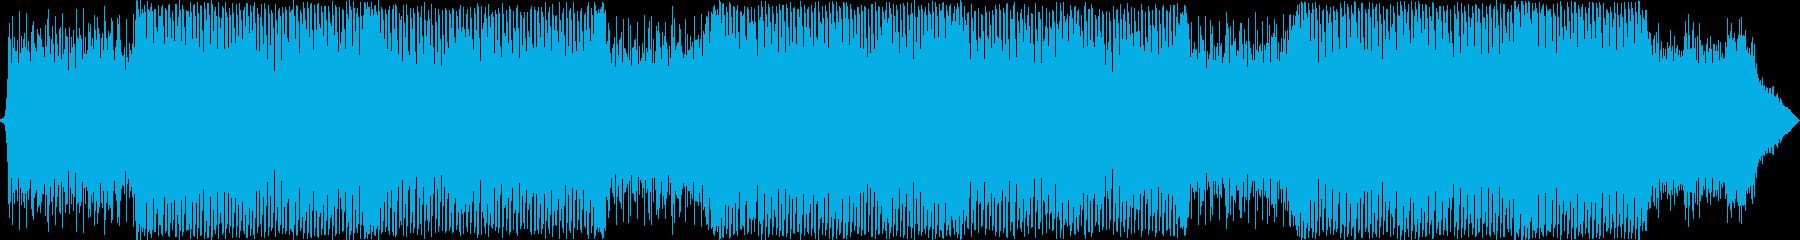 夏の映像に合う爽やかなトロピカルハウスの再生済みの波形